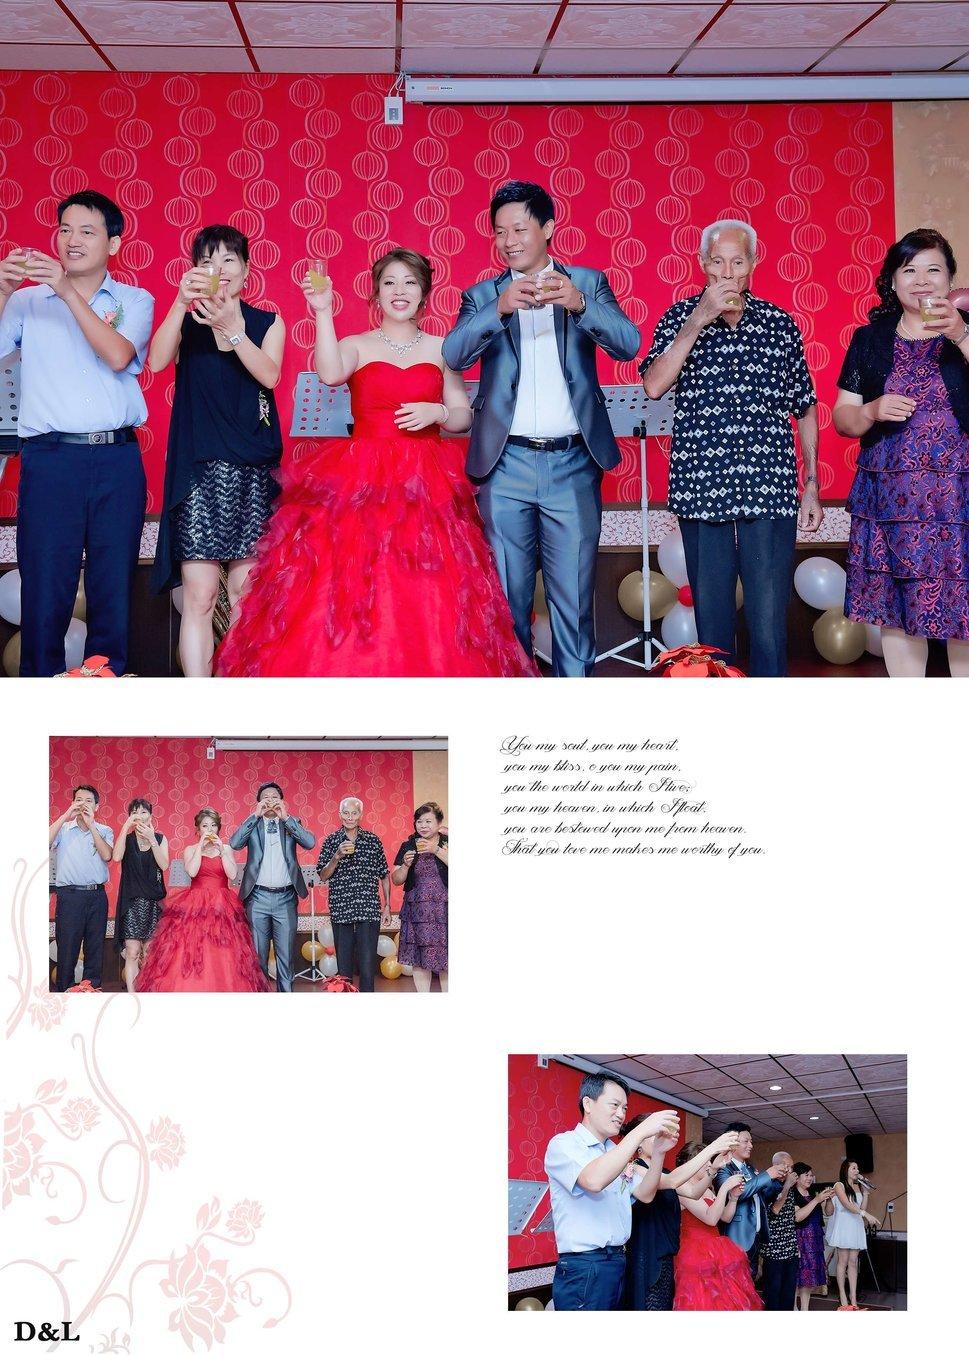 婚禮紀錄 敬添&綉芬(編號:253246) - D&L 婚禮事務-婚禮攝影/婚紗寫真 - 結婚吧一站式婚禮服務平台